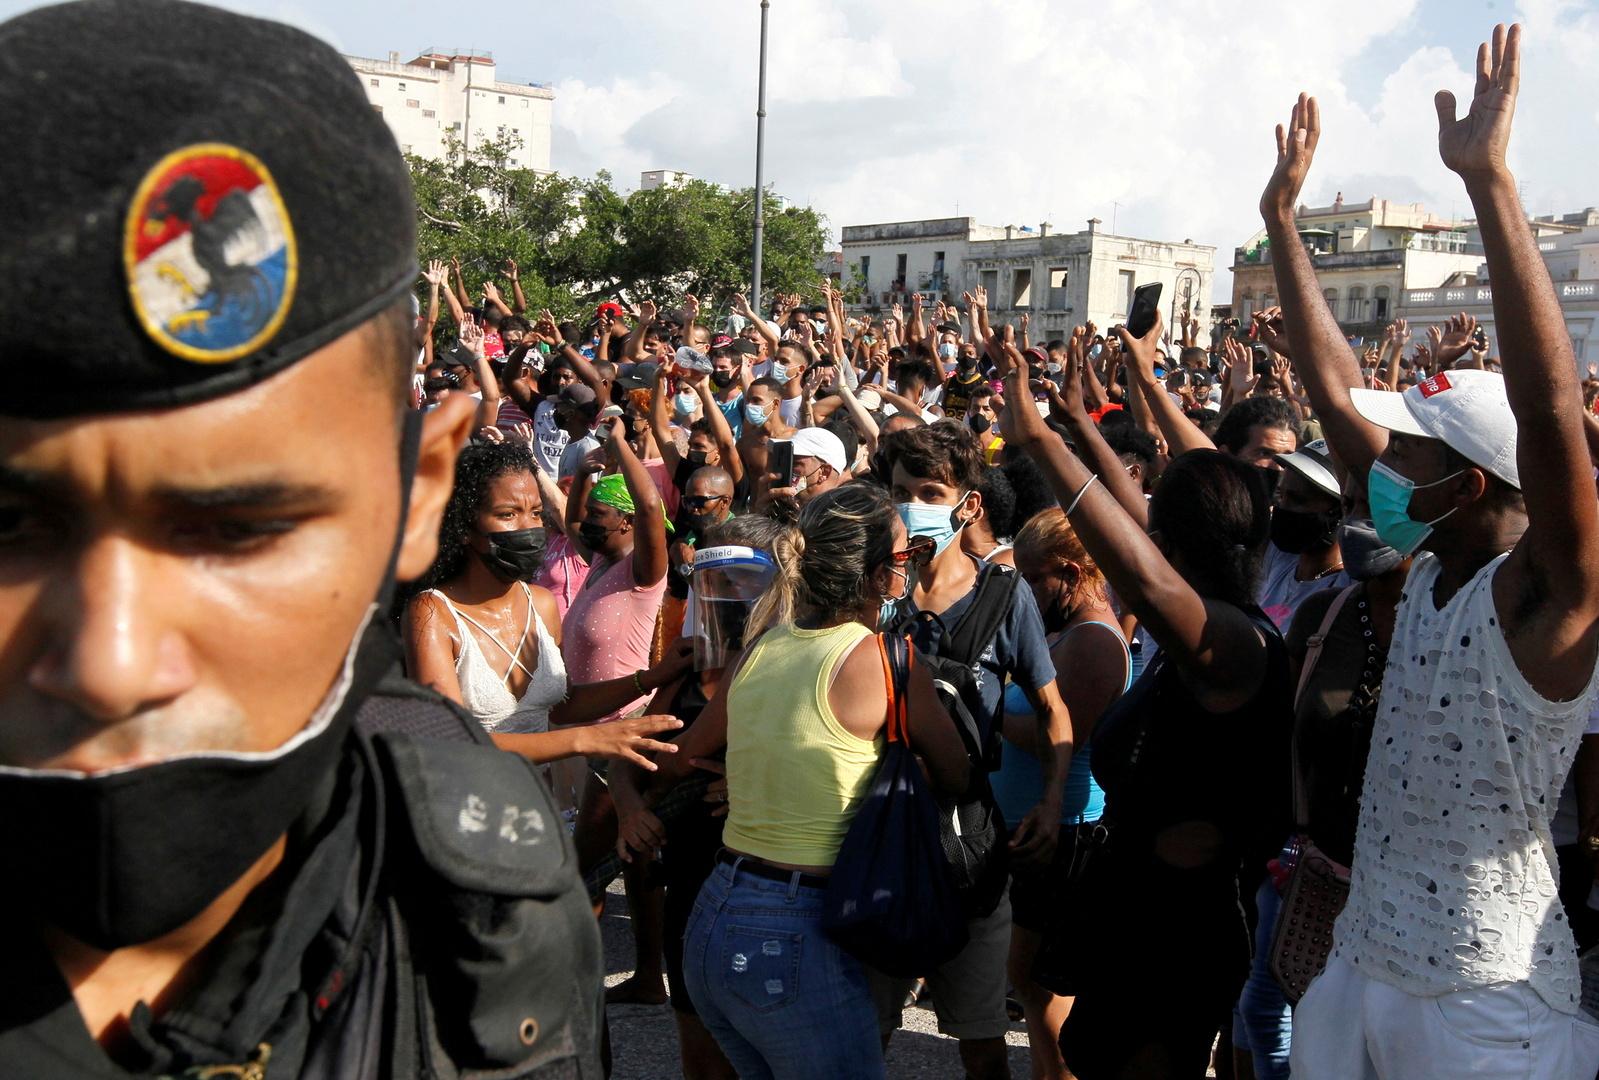 رئيس كوبا: مشاهد الاحتجاجات التي يراها العالم مفبركة وبلدنا يواجه حربا غير تقليدية